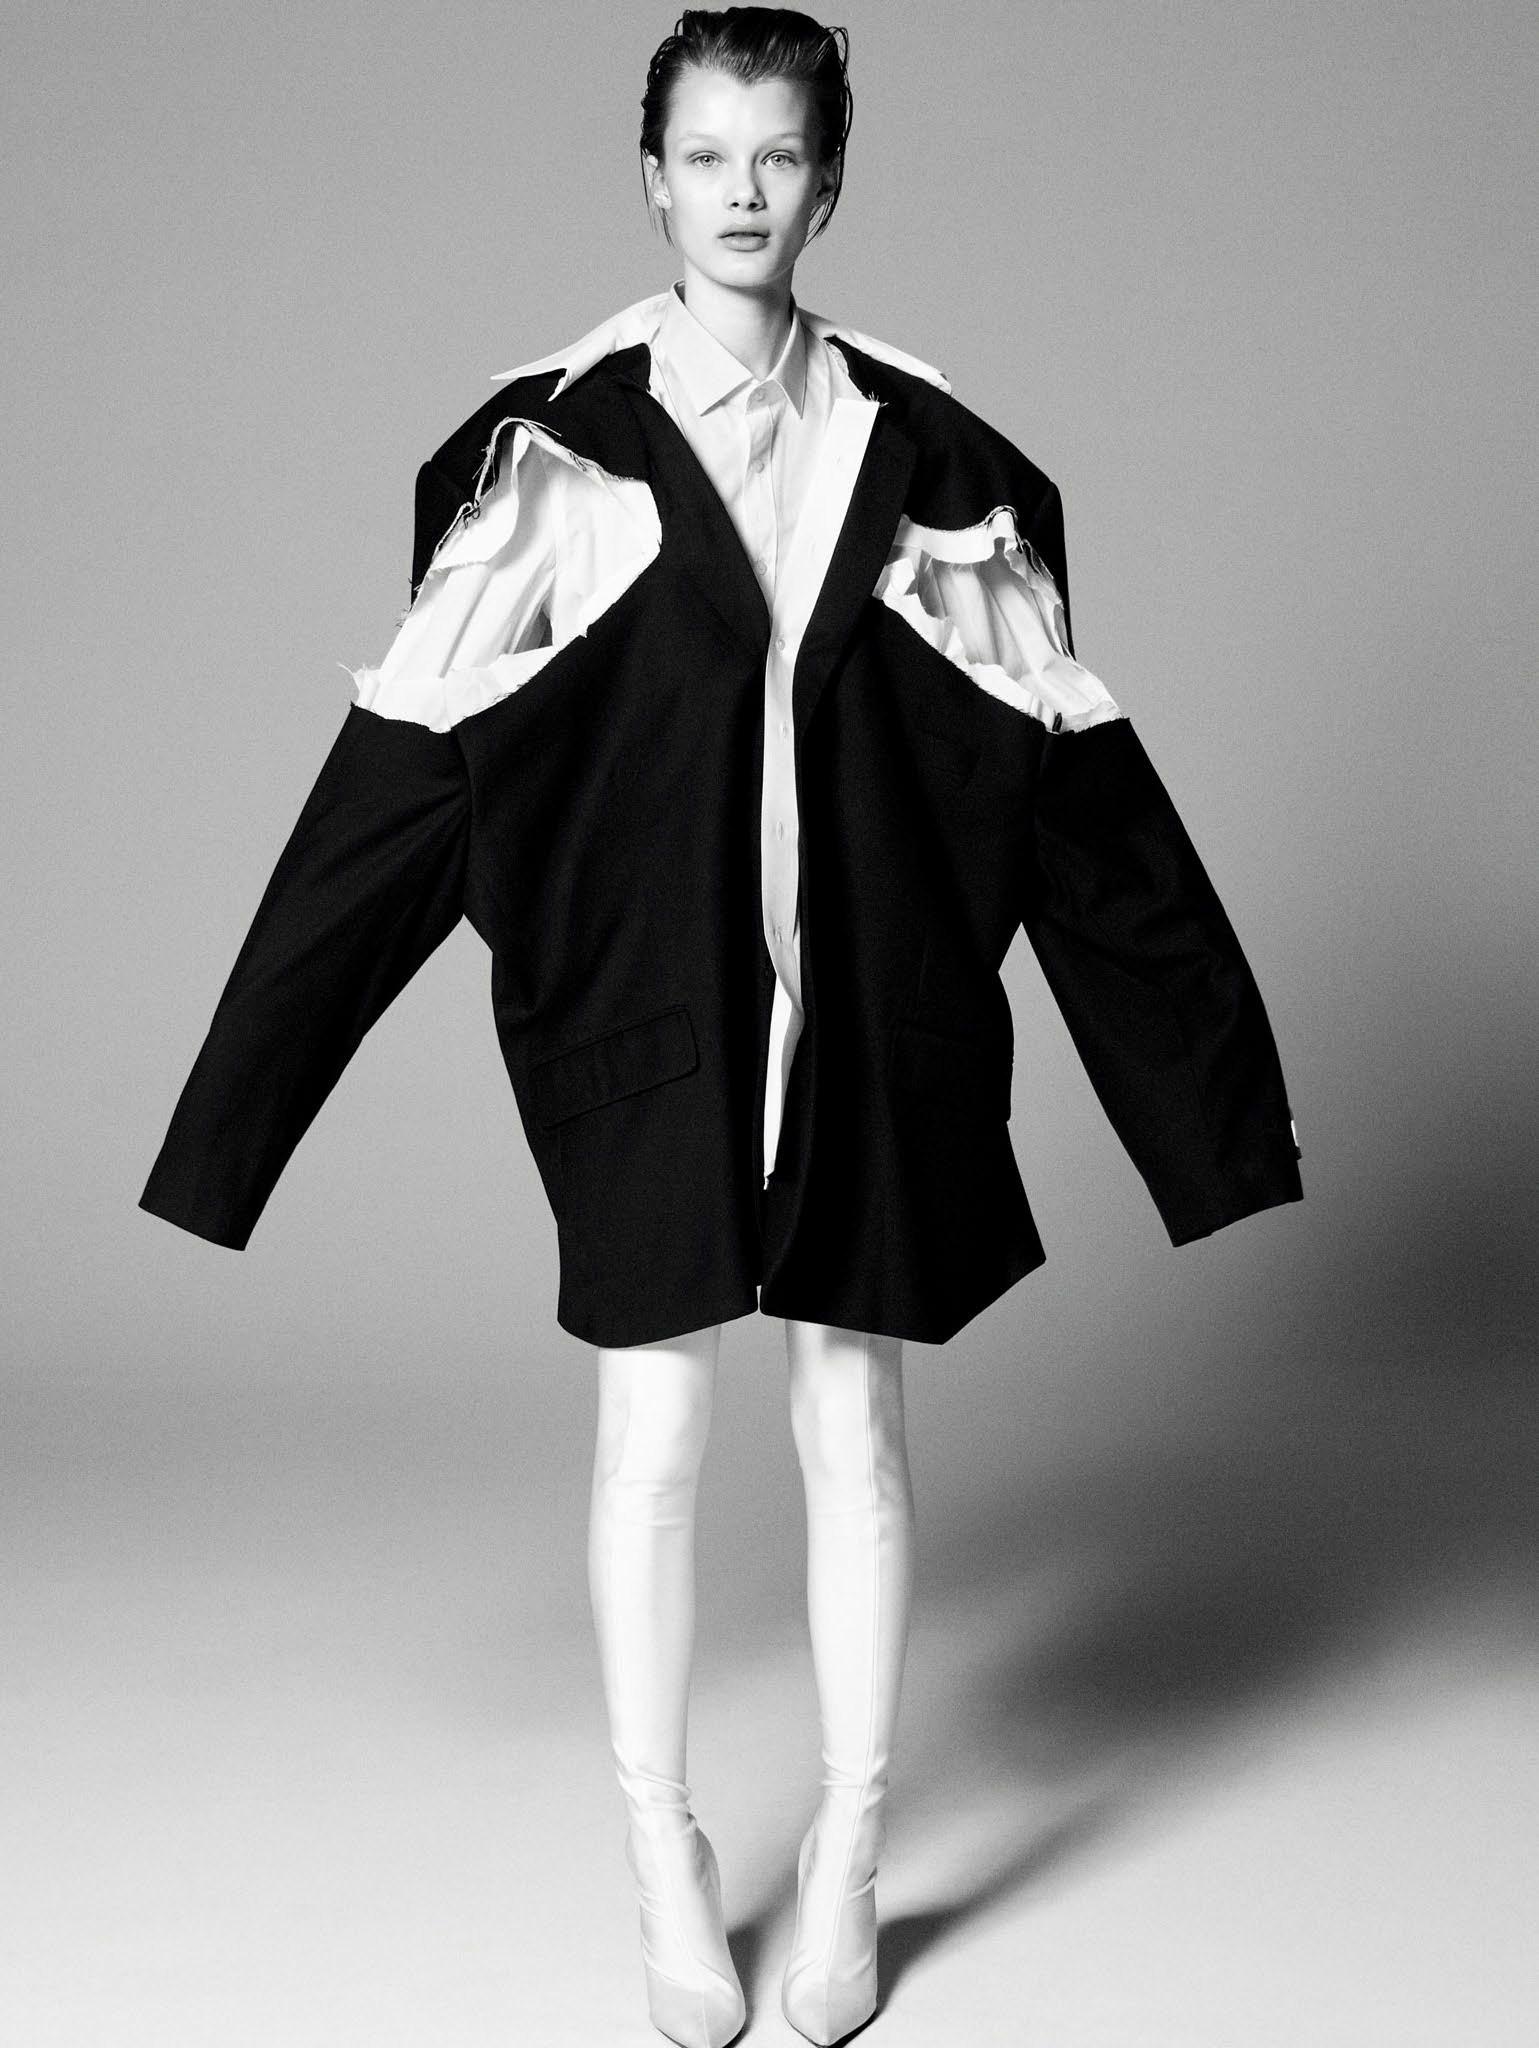 Кристина Грикайте в фотосъёмке Дэниела Джексона для китайского Vogue, май 2017 12